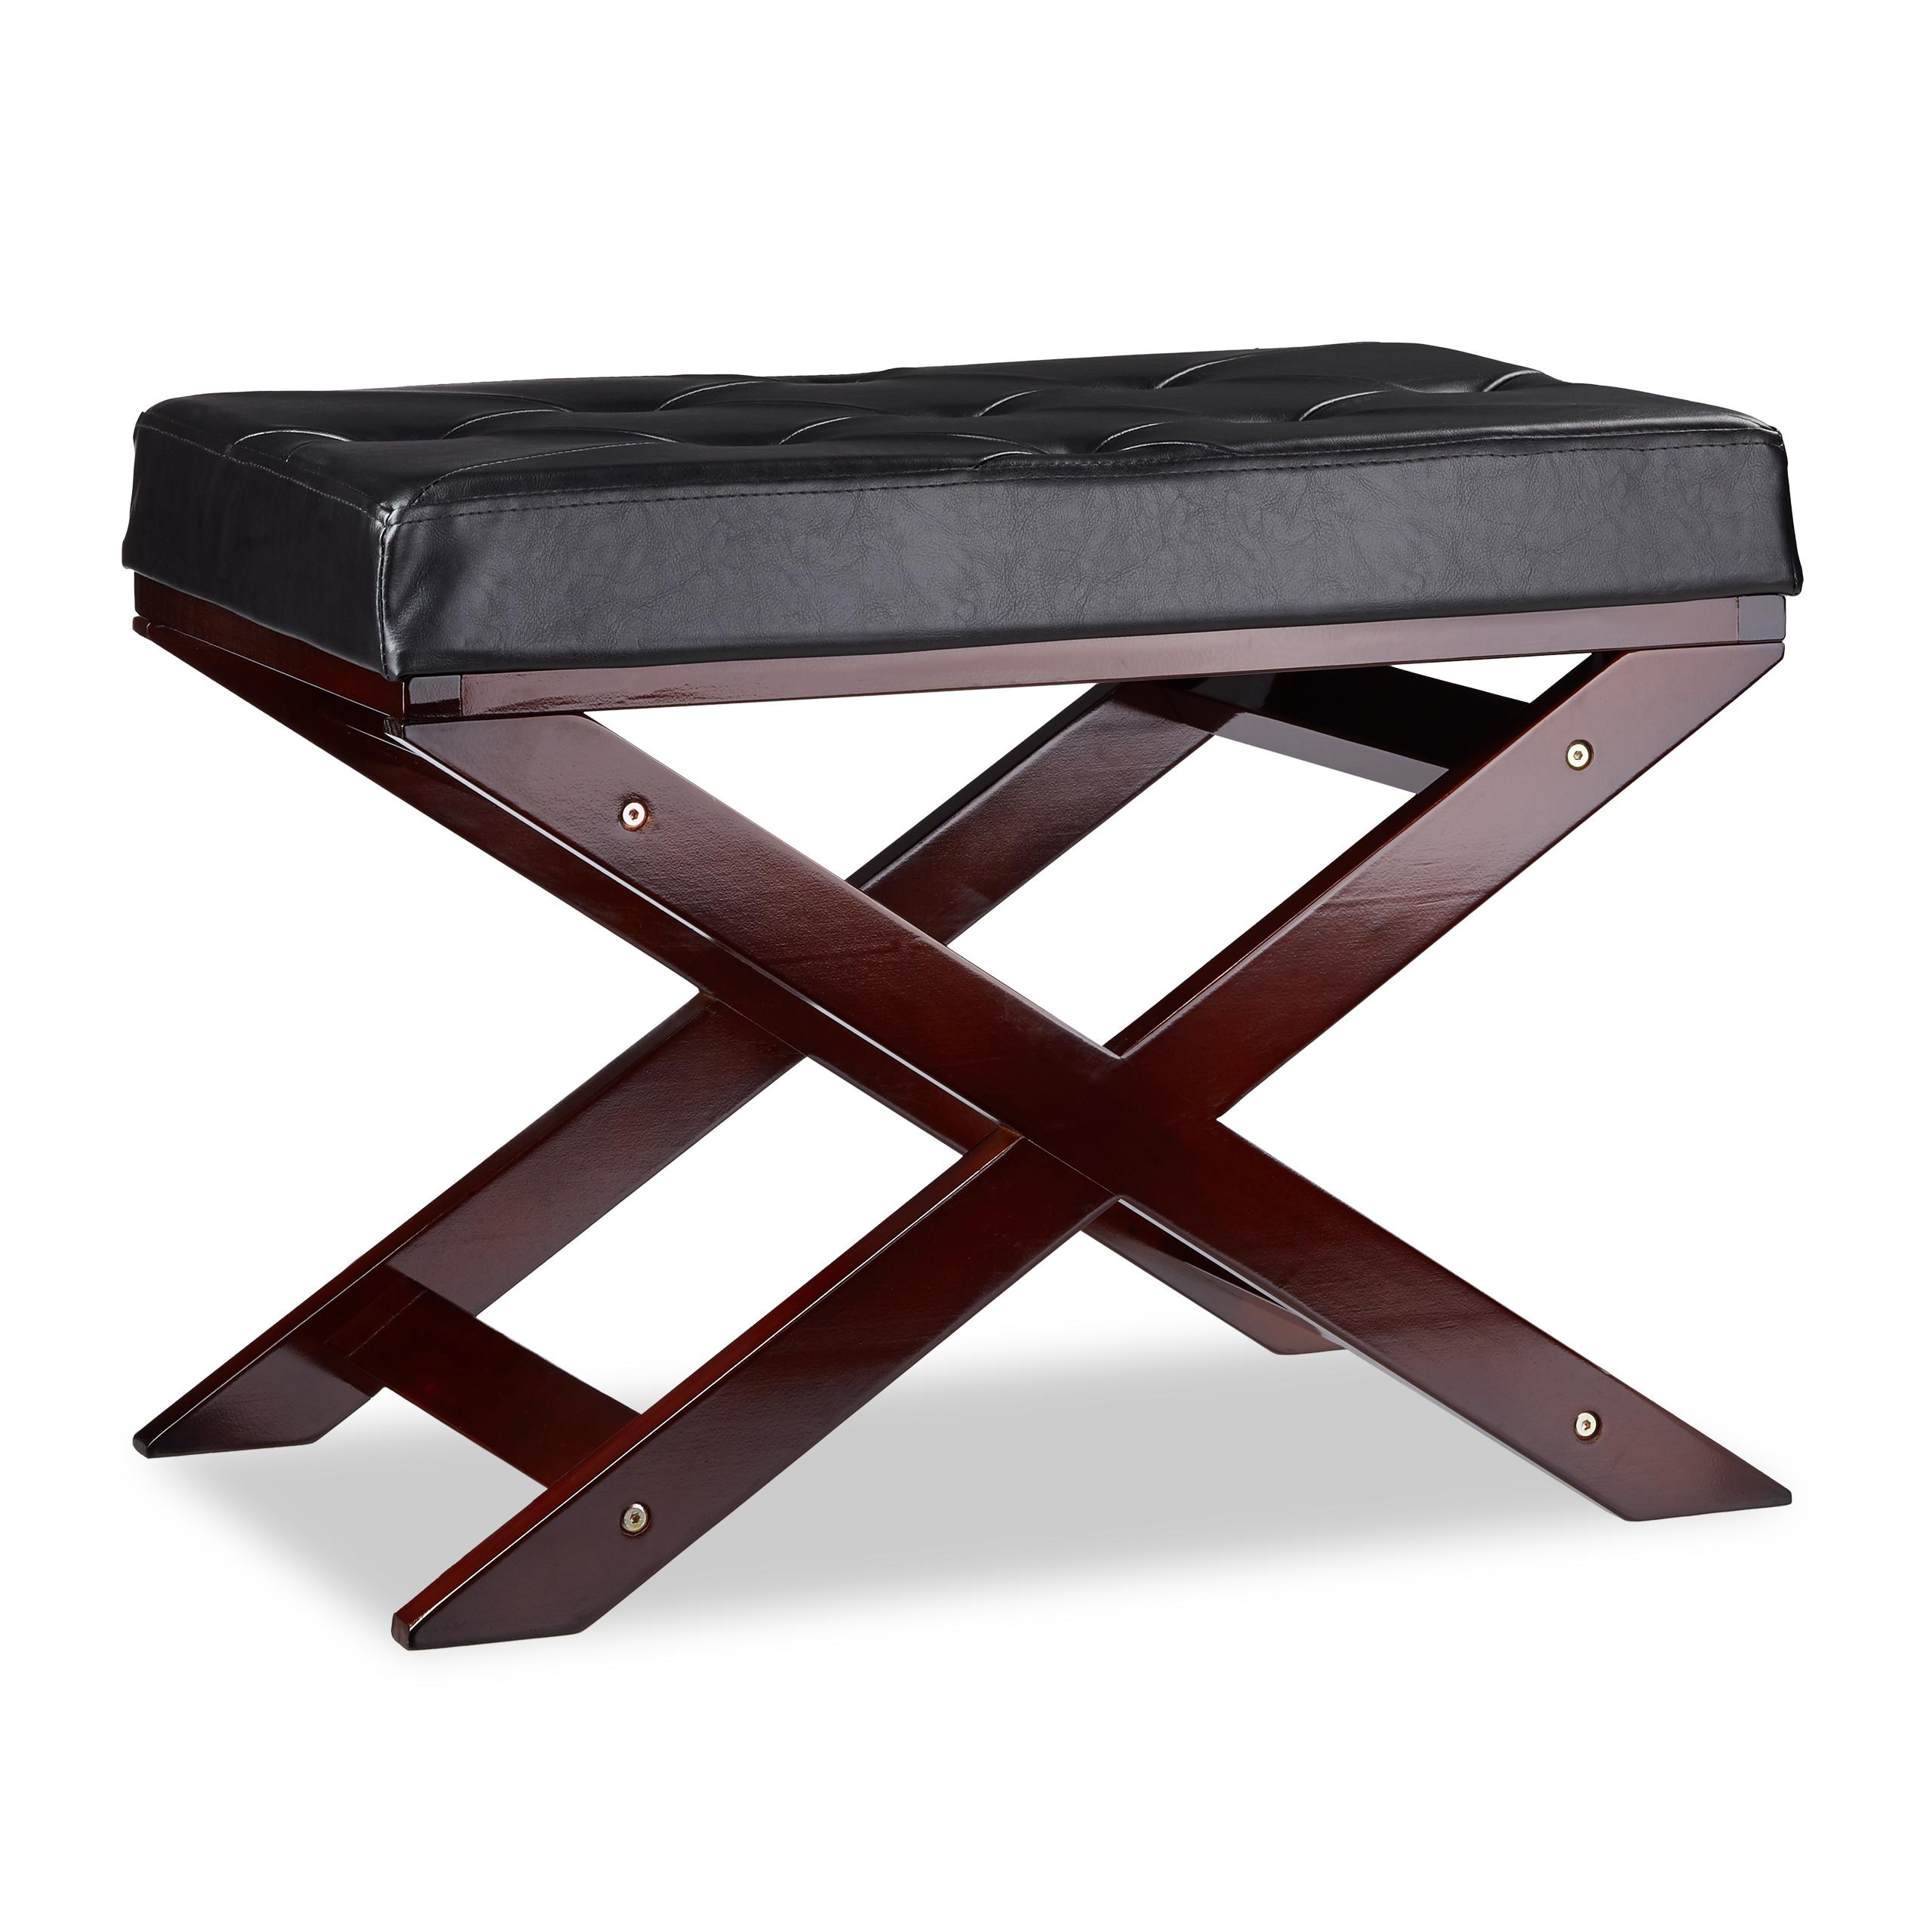 Details zu Gepolsterte Sitzbank ohne Lehne, Küche, Esszimmer, Schlafzimmer,  Flur, aus Holz